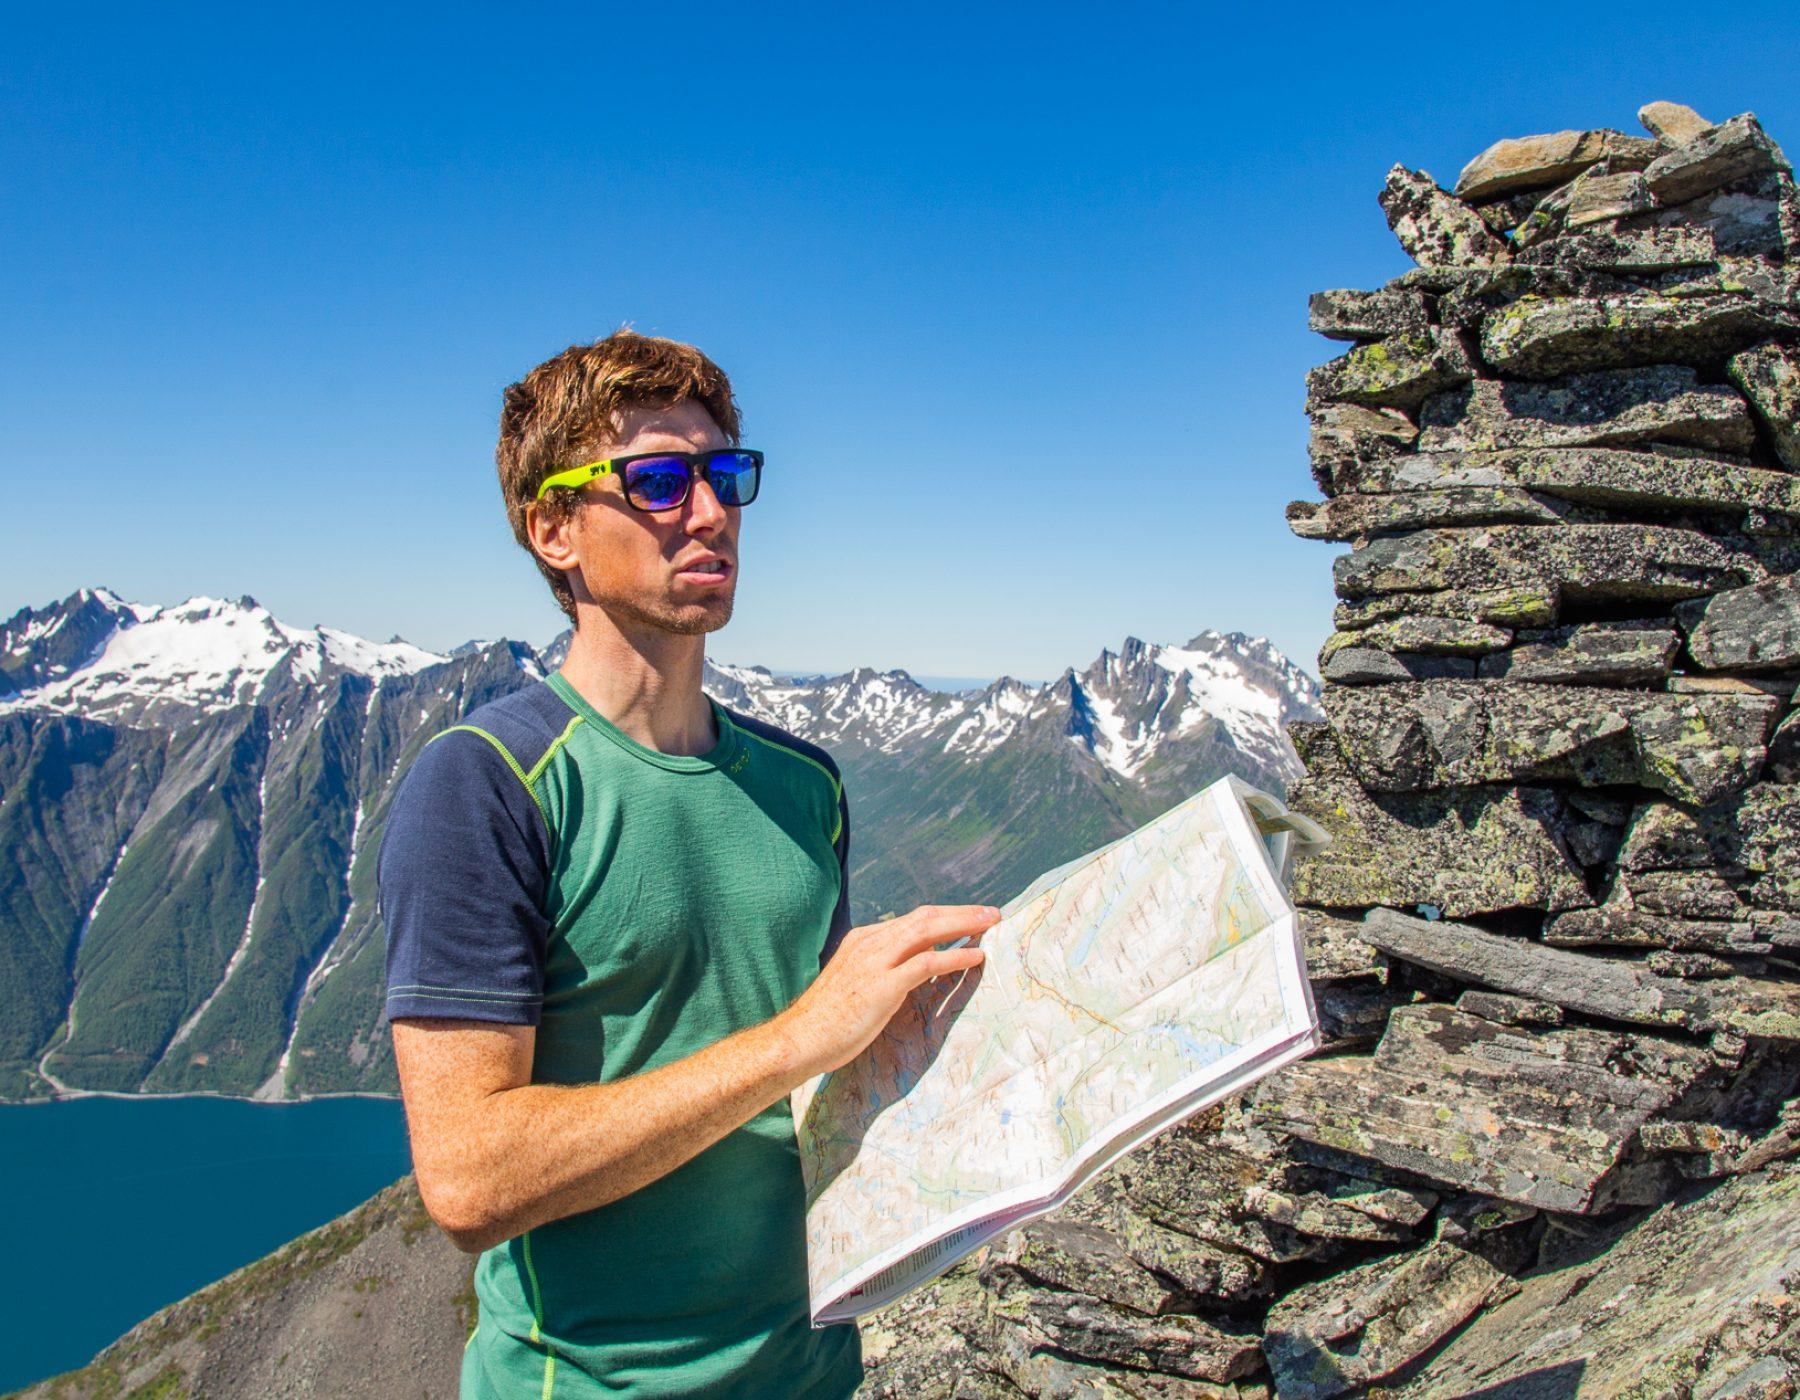 Stig studerer kartet for beste ruteval.